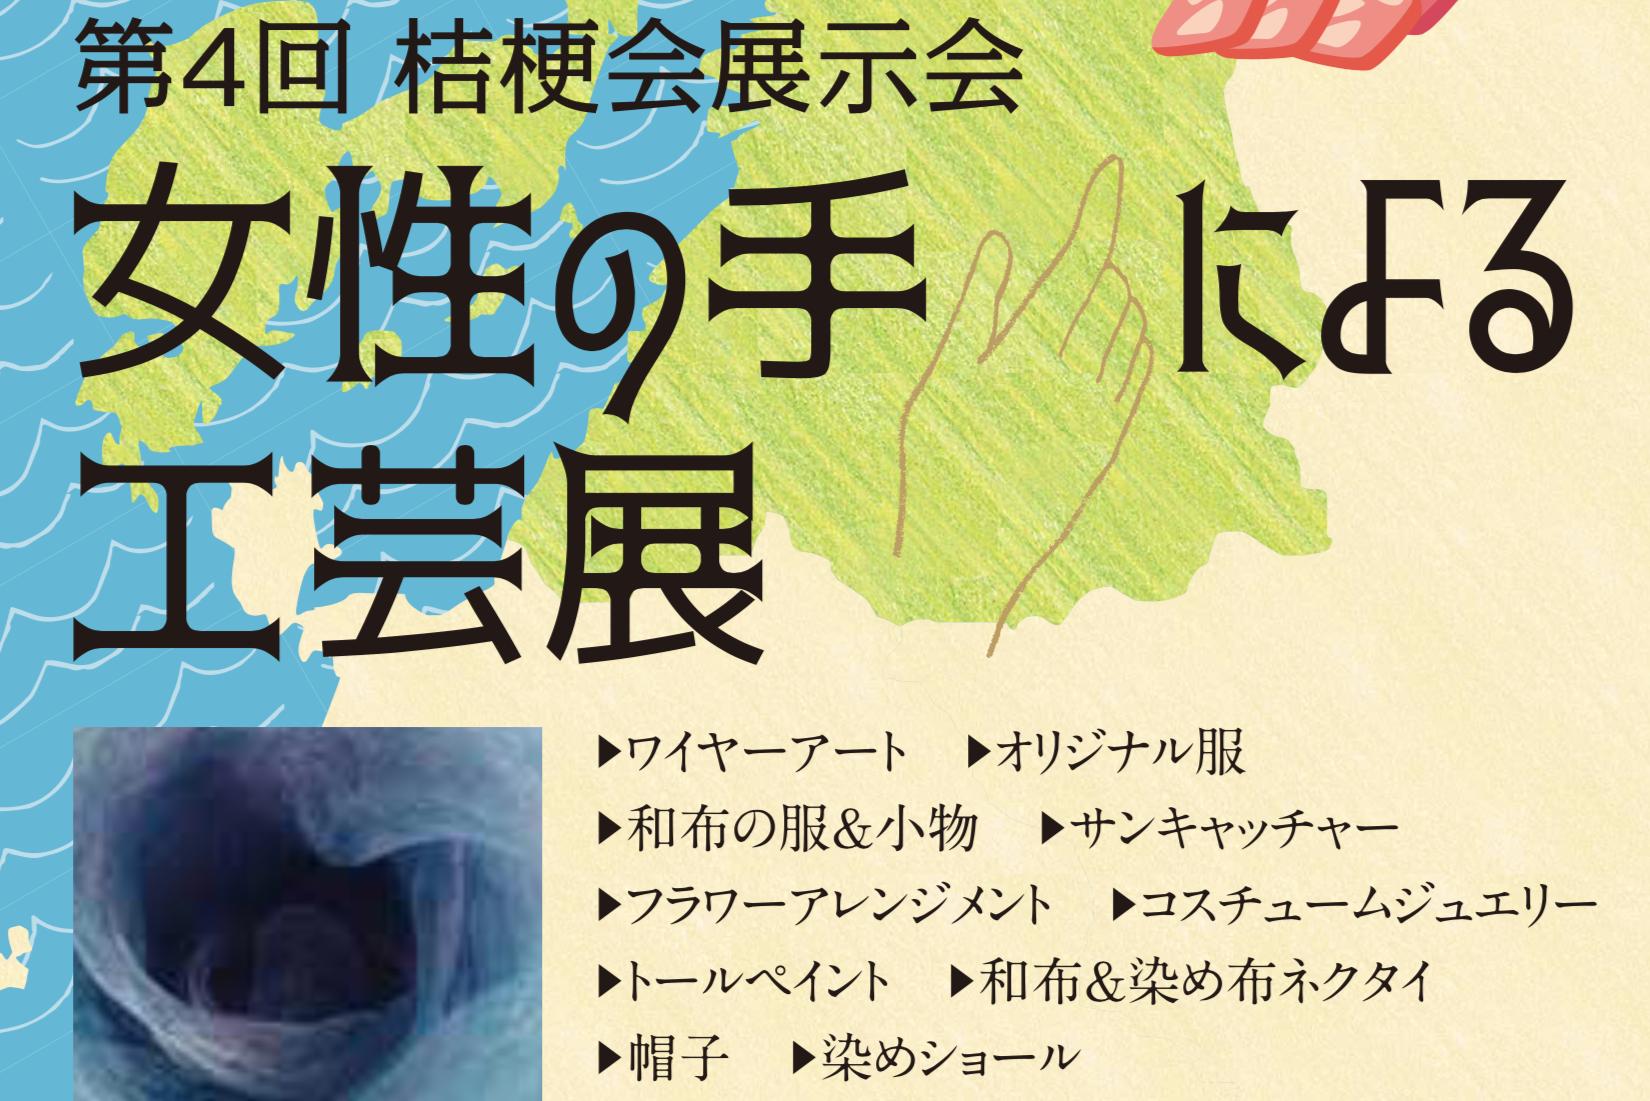 熊本女性ものつくり集団の展示会『第4回桔梗会展示会 女性の手による工芸展』が開催9/19(水)~9/24(月・祝)